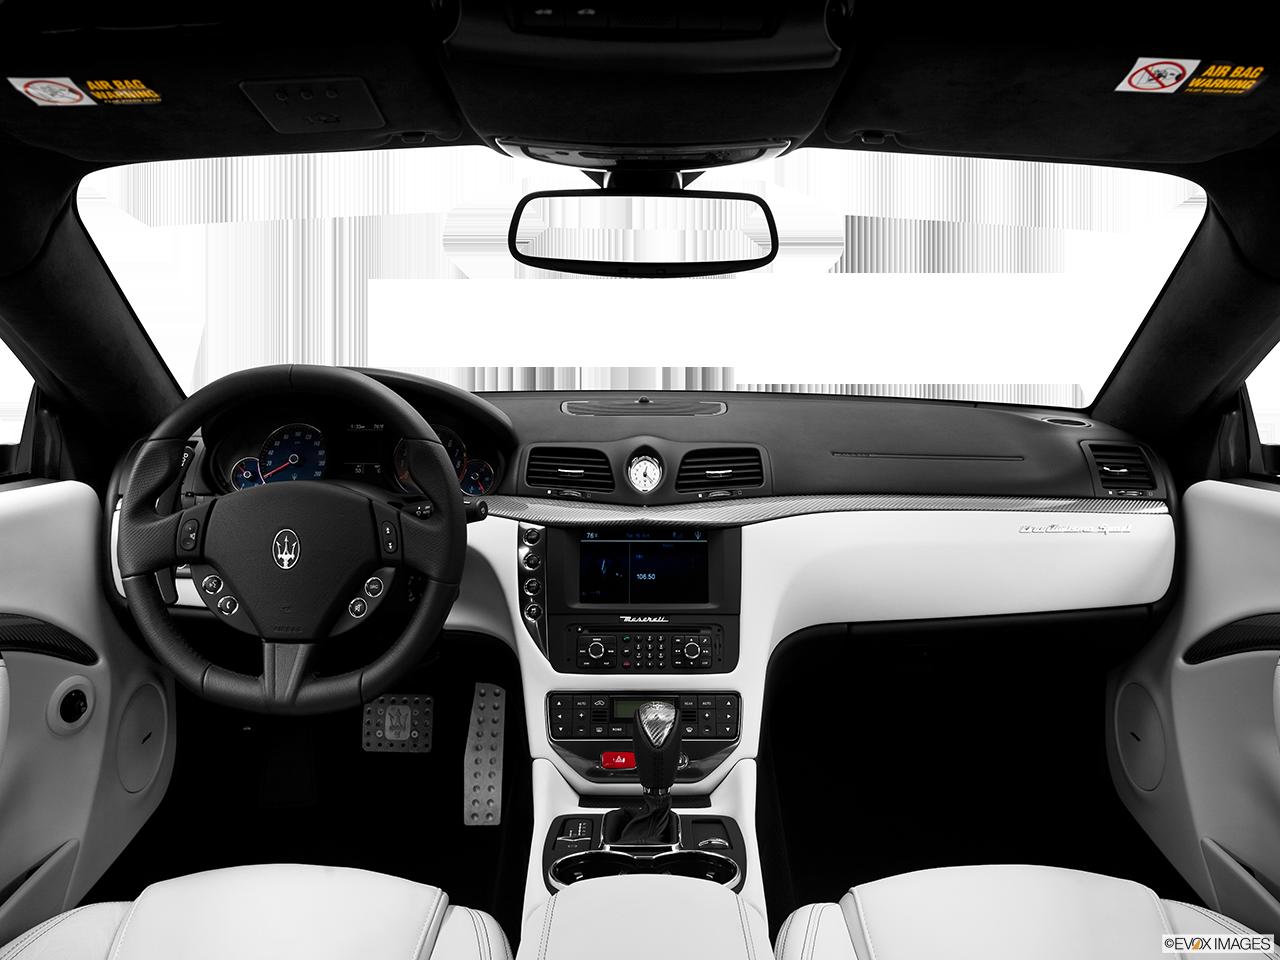 2019 Maserati GranTurismo photo